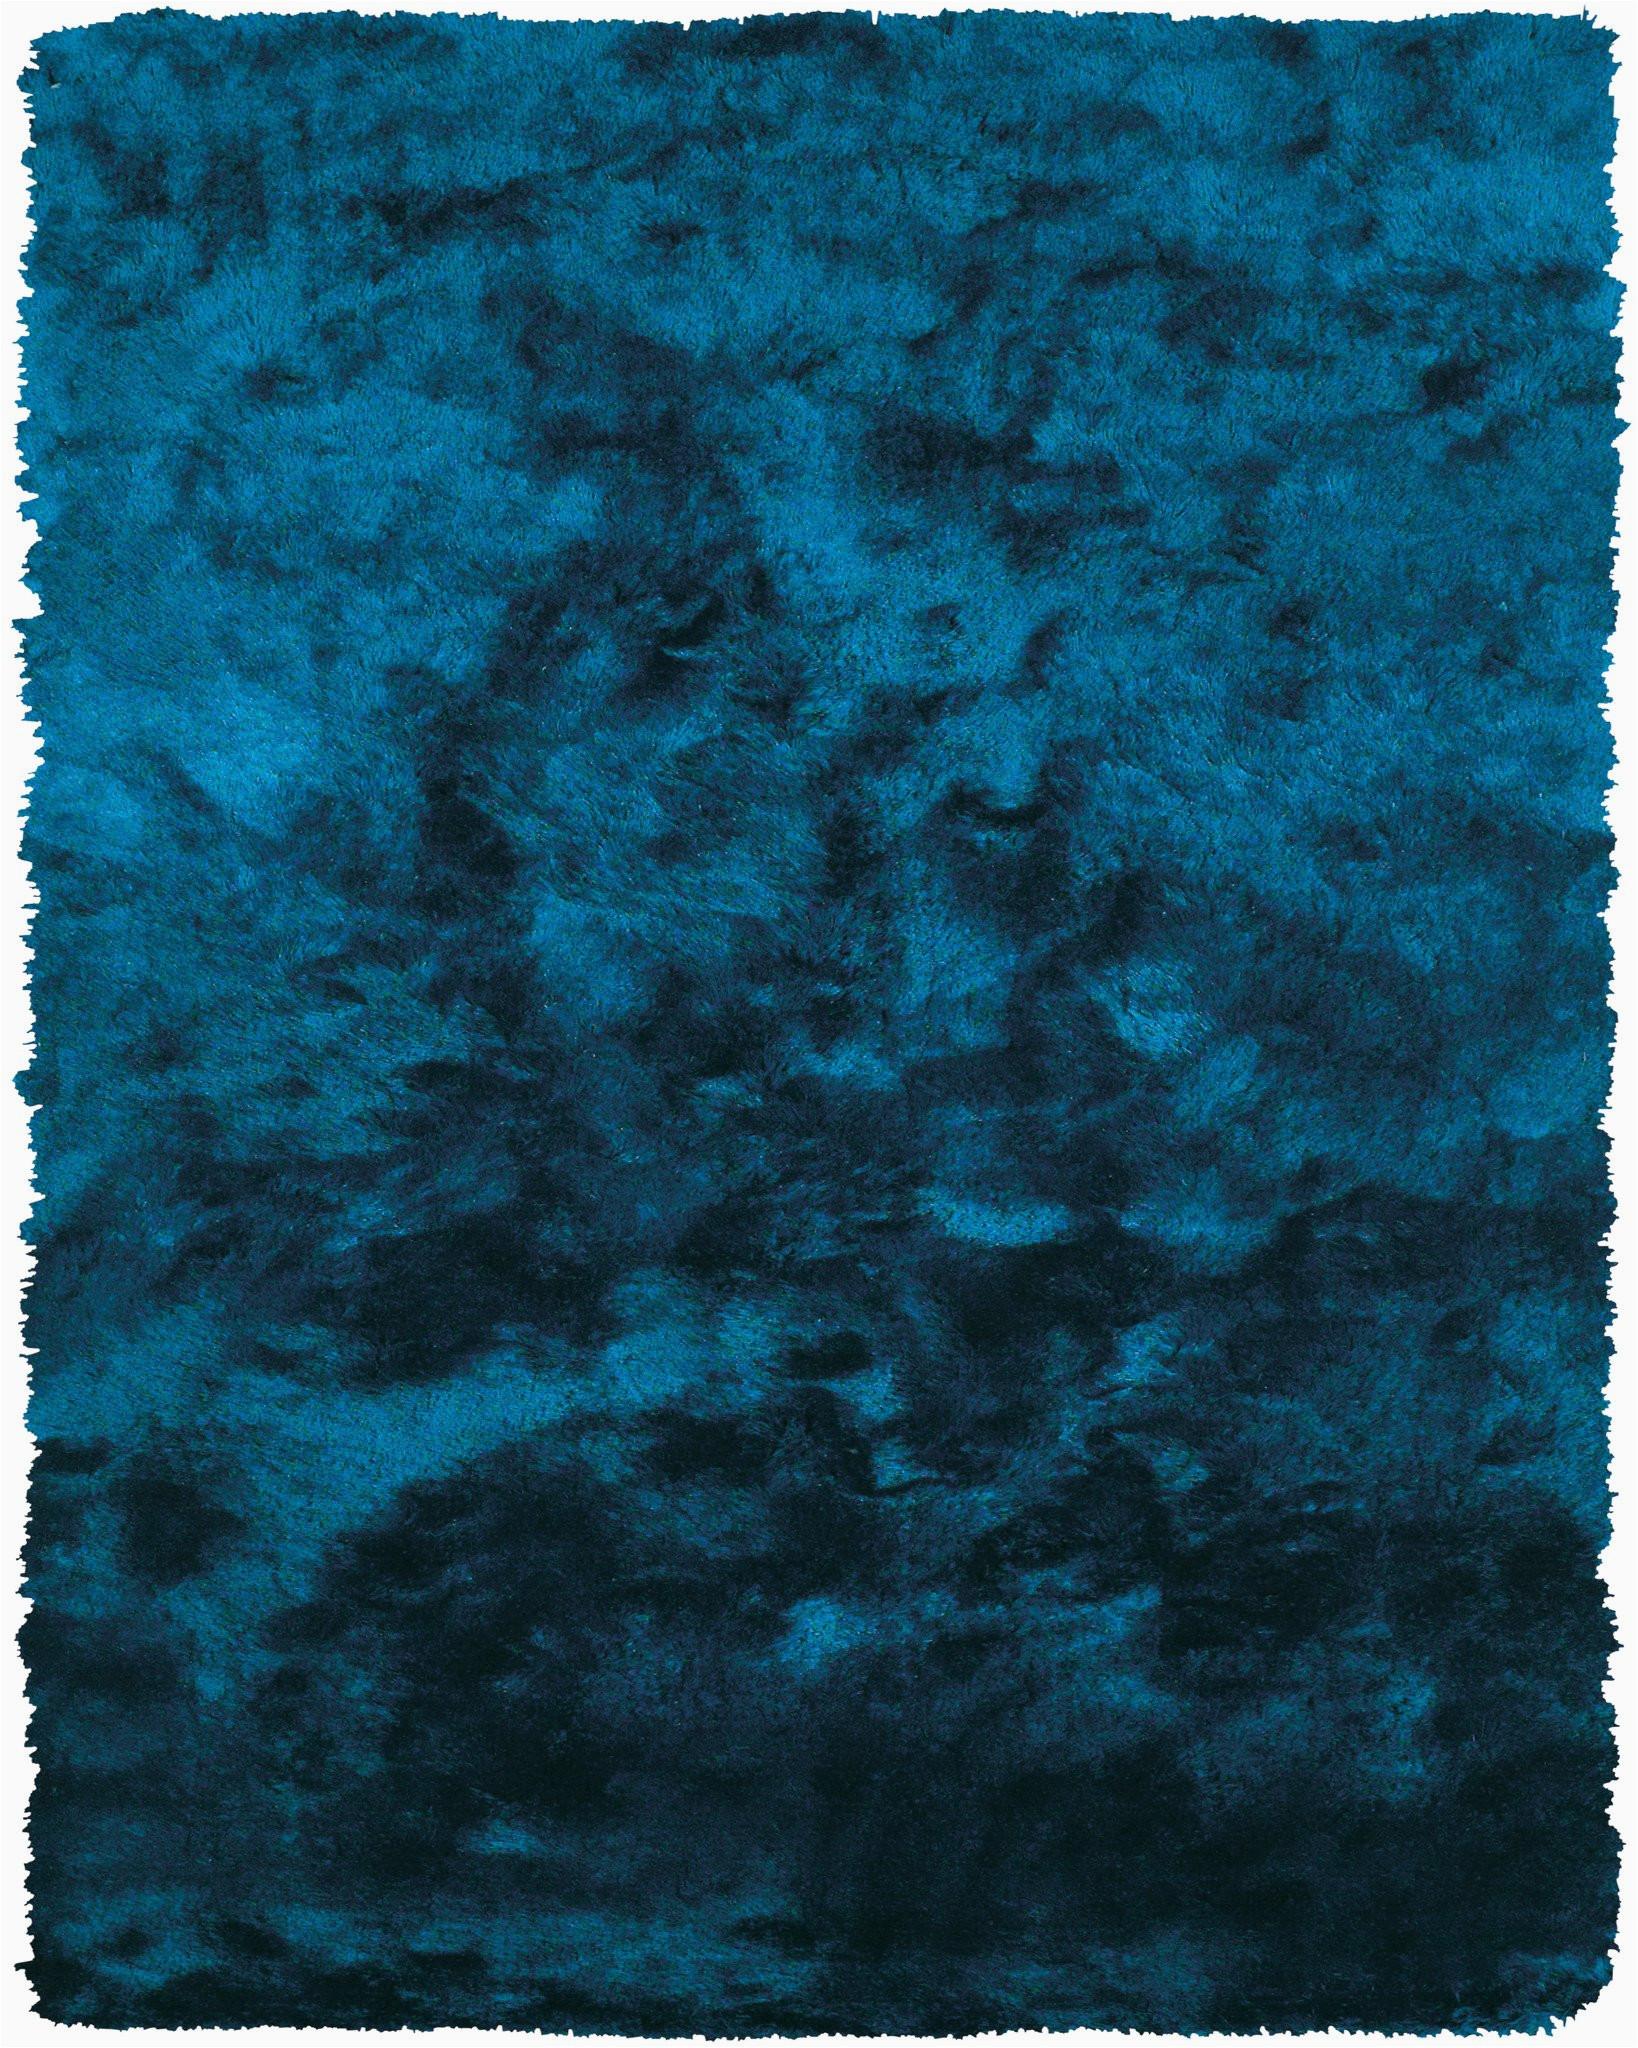 Blue Shaggy area Rug Plush Collection Art Silk Shag area Rug In Teal Burke Decor